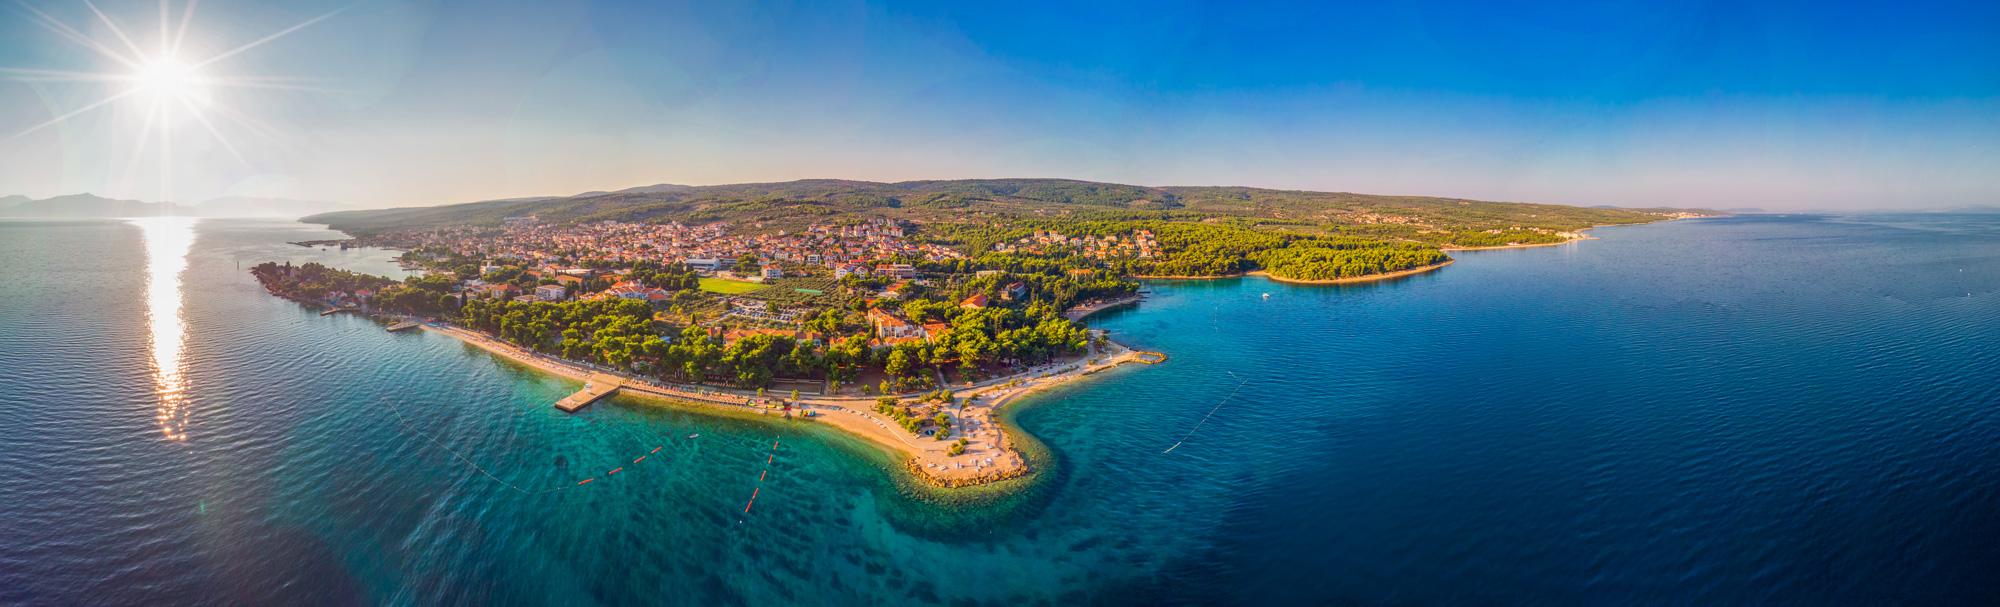 Bonus-Webseite-Kroatien